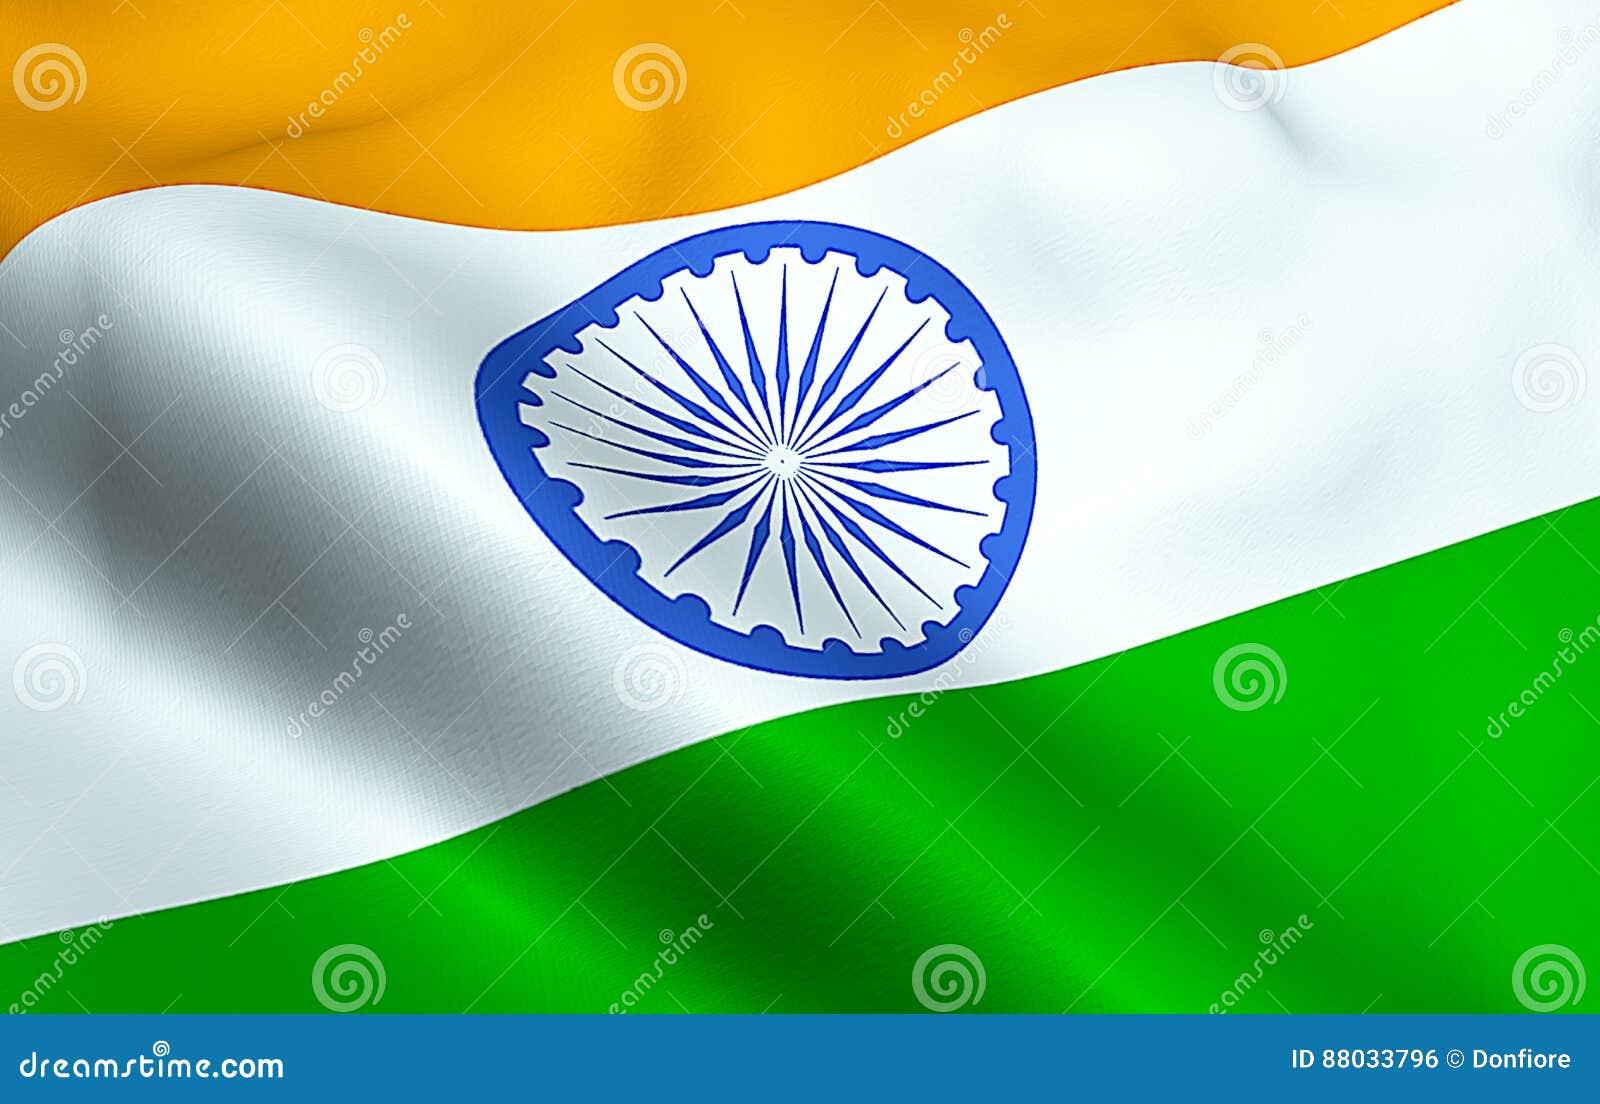 Primo piano di ondeggiamento della bandiera dell India, con la ruota blu, simbolo nazionale dell indù indiano